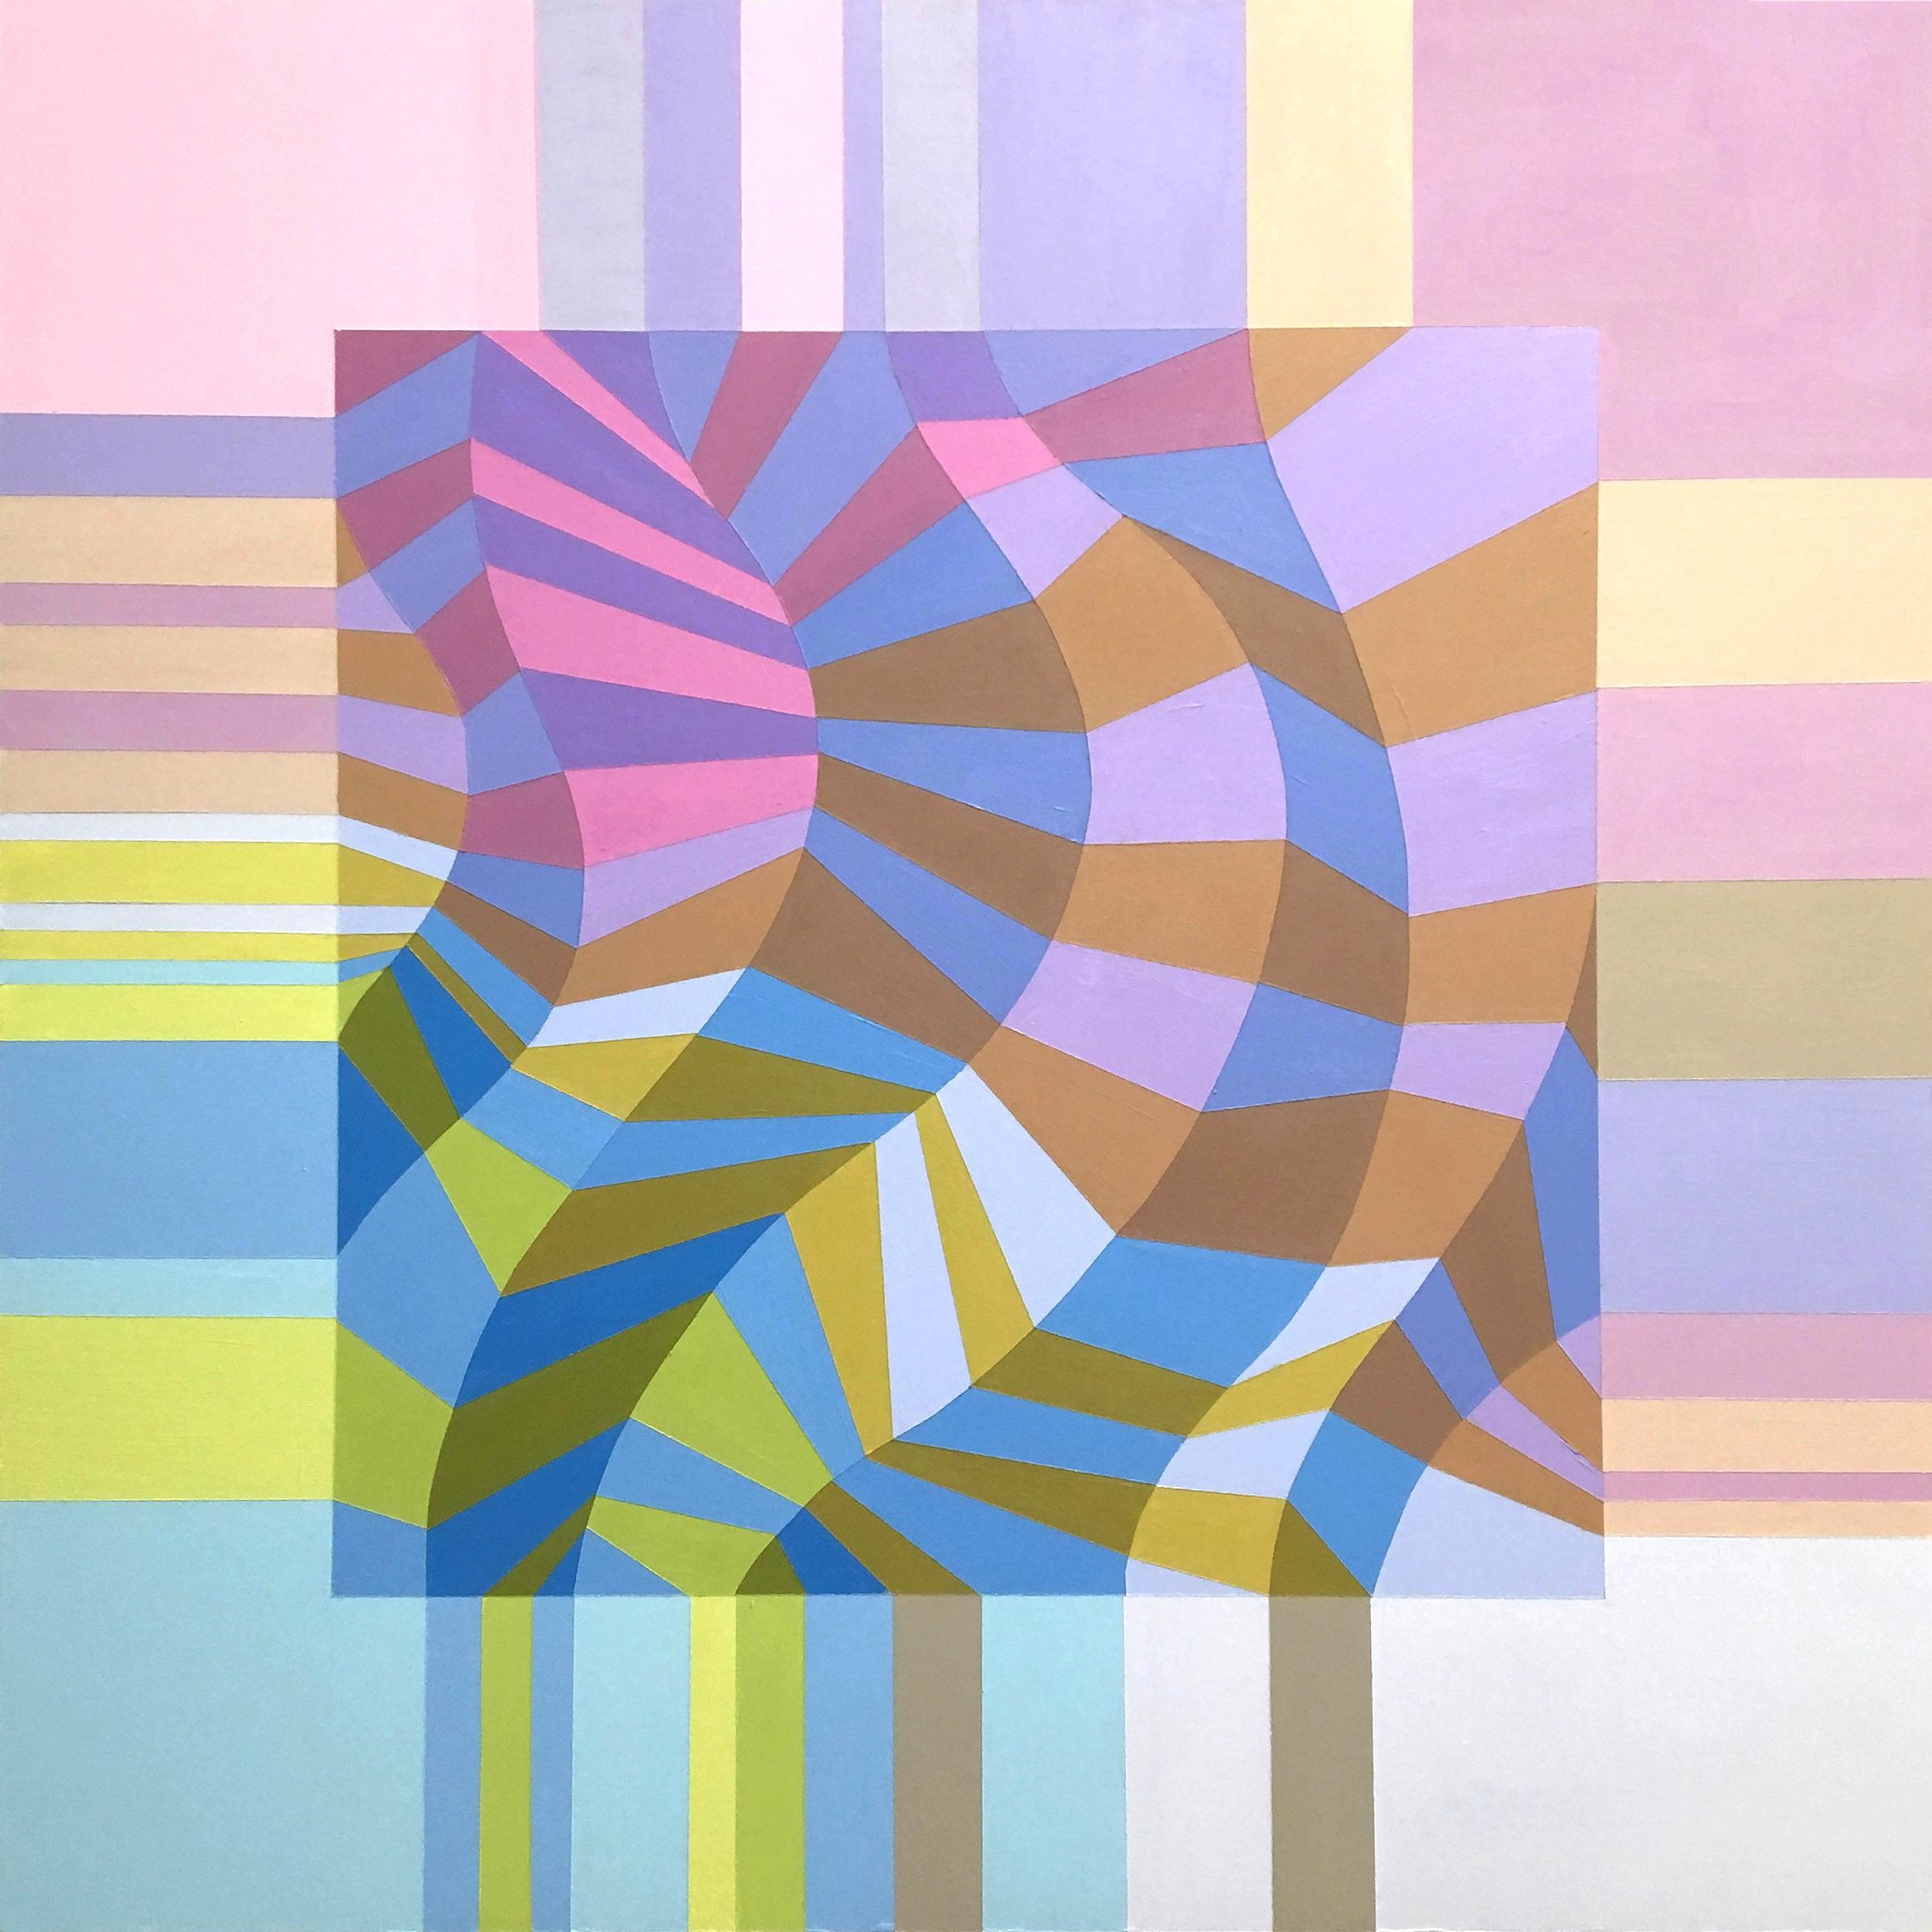 Wavy Squares 2